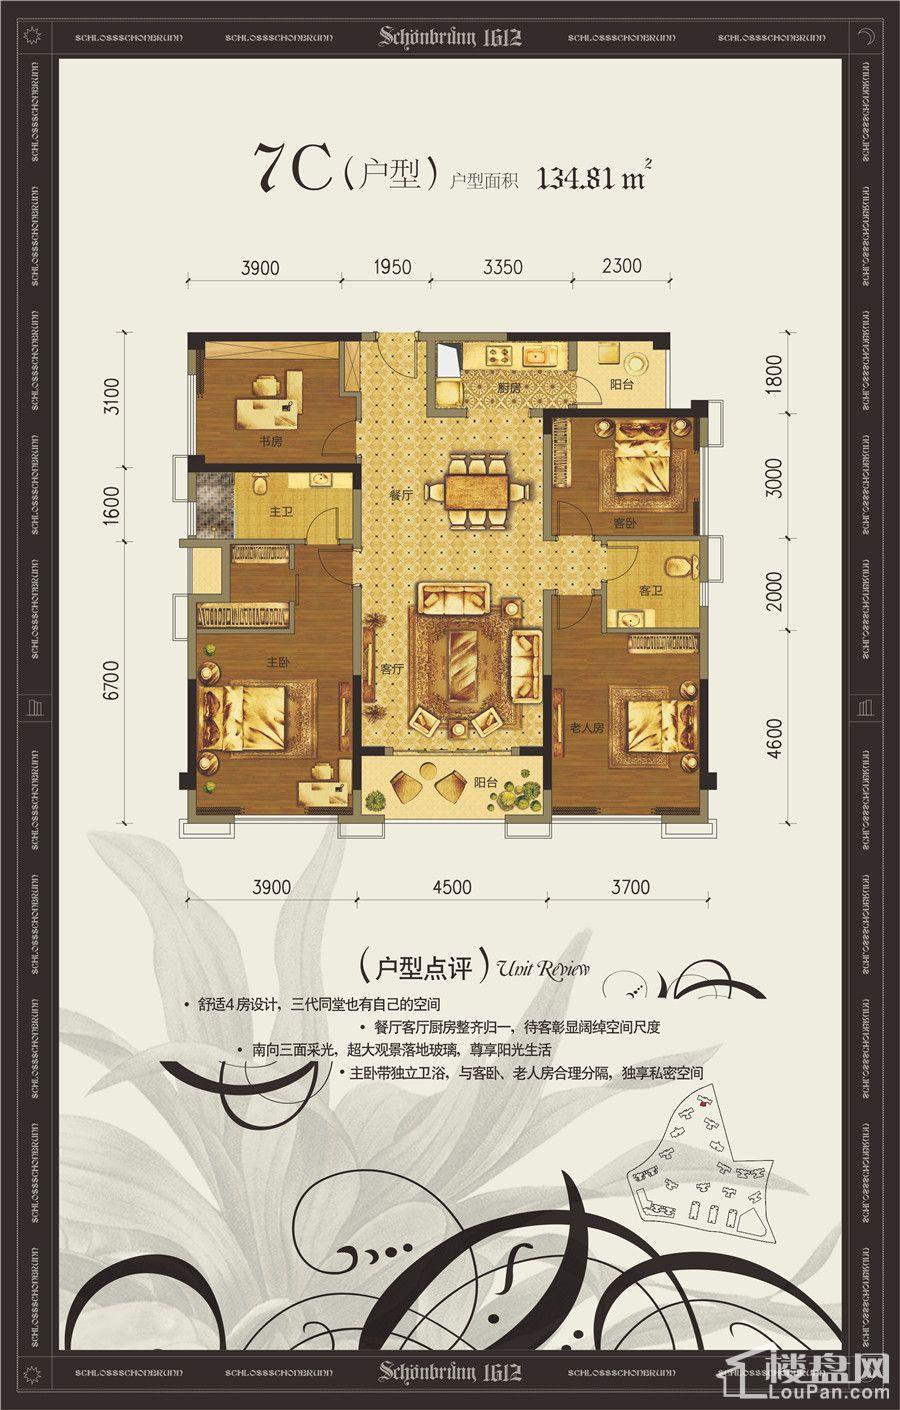 美泉1612 7C户型